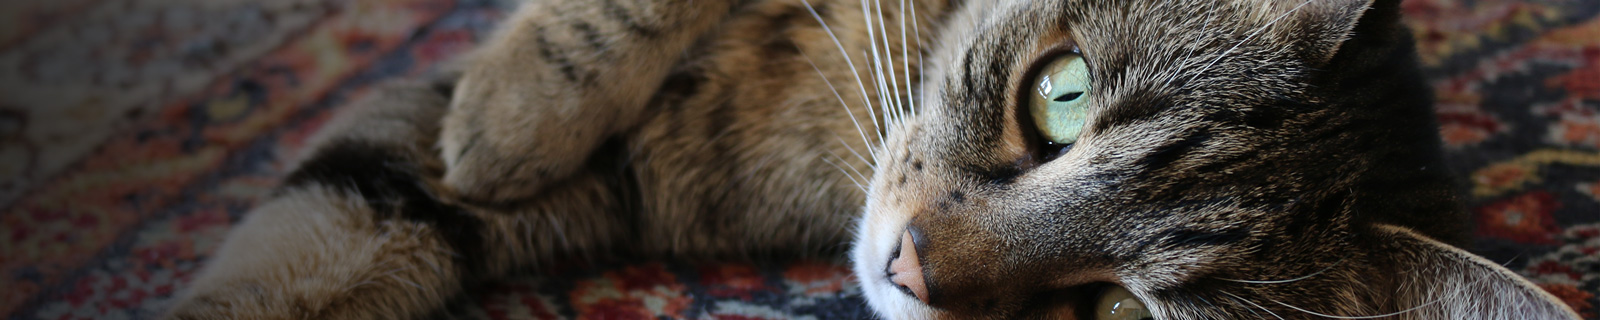 https://hvovet.com/hvo/wp-content/uploads/2016/09/veterinaire-chat-ormstown.jpg